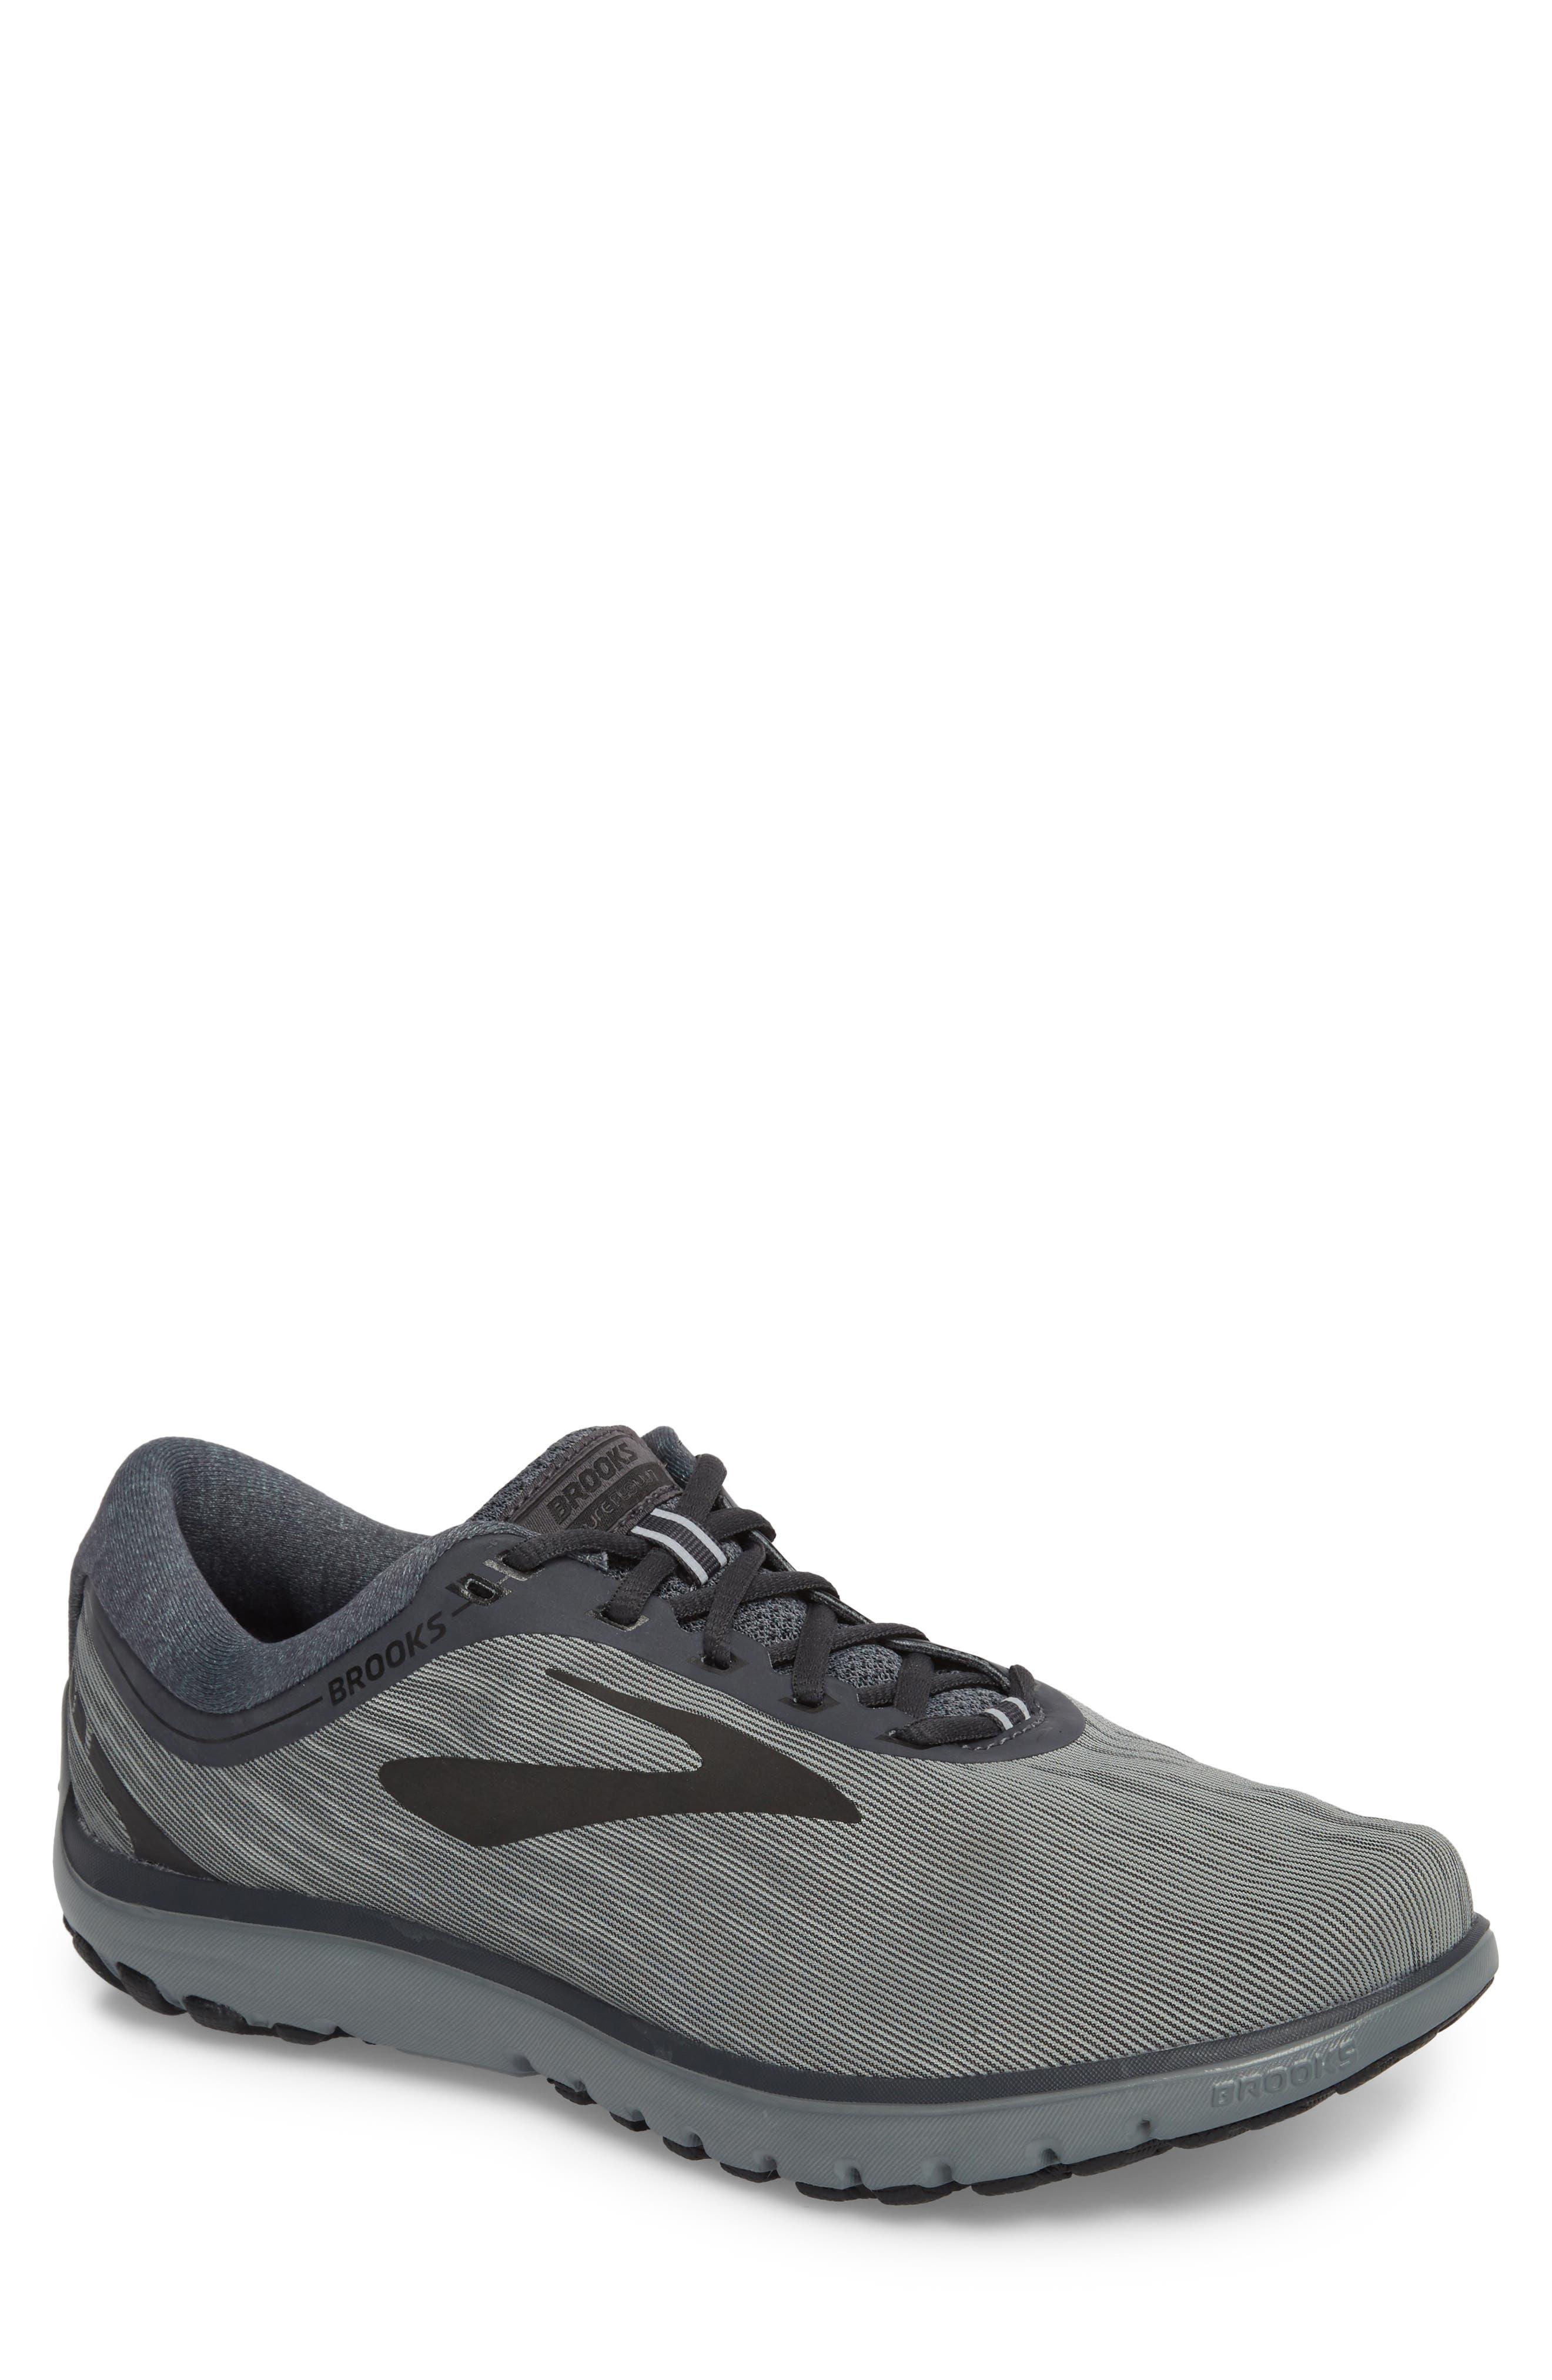 Brooks Pureflow 7 Running Shoe, Grey